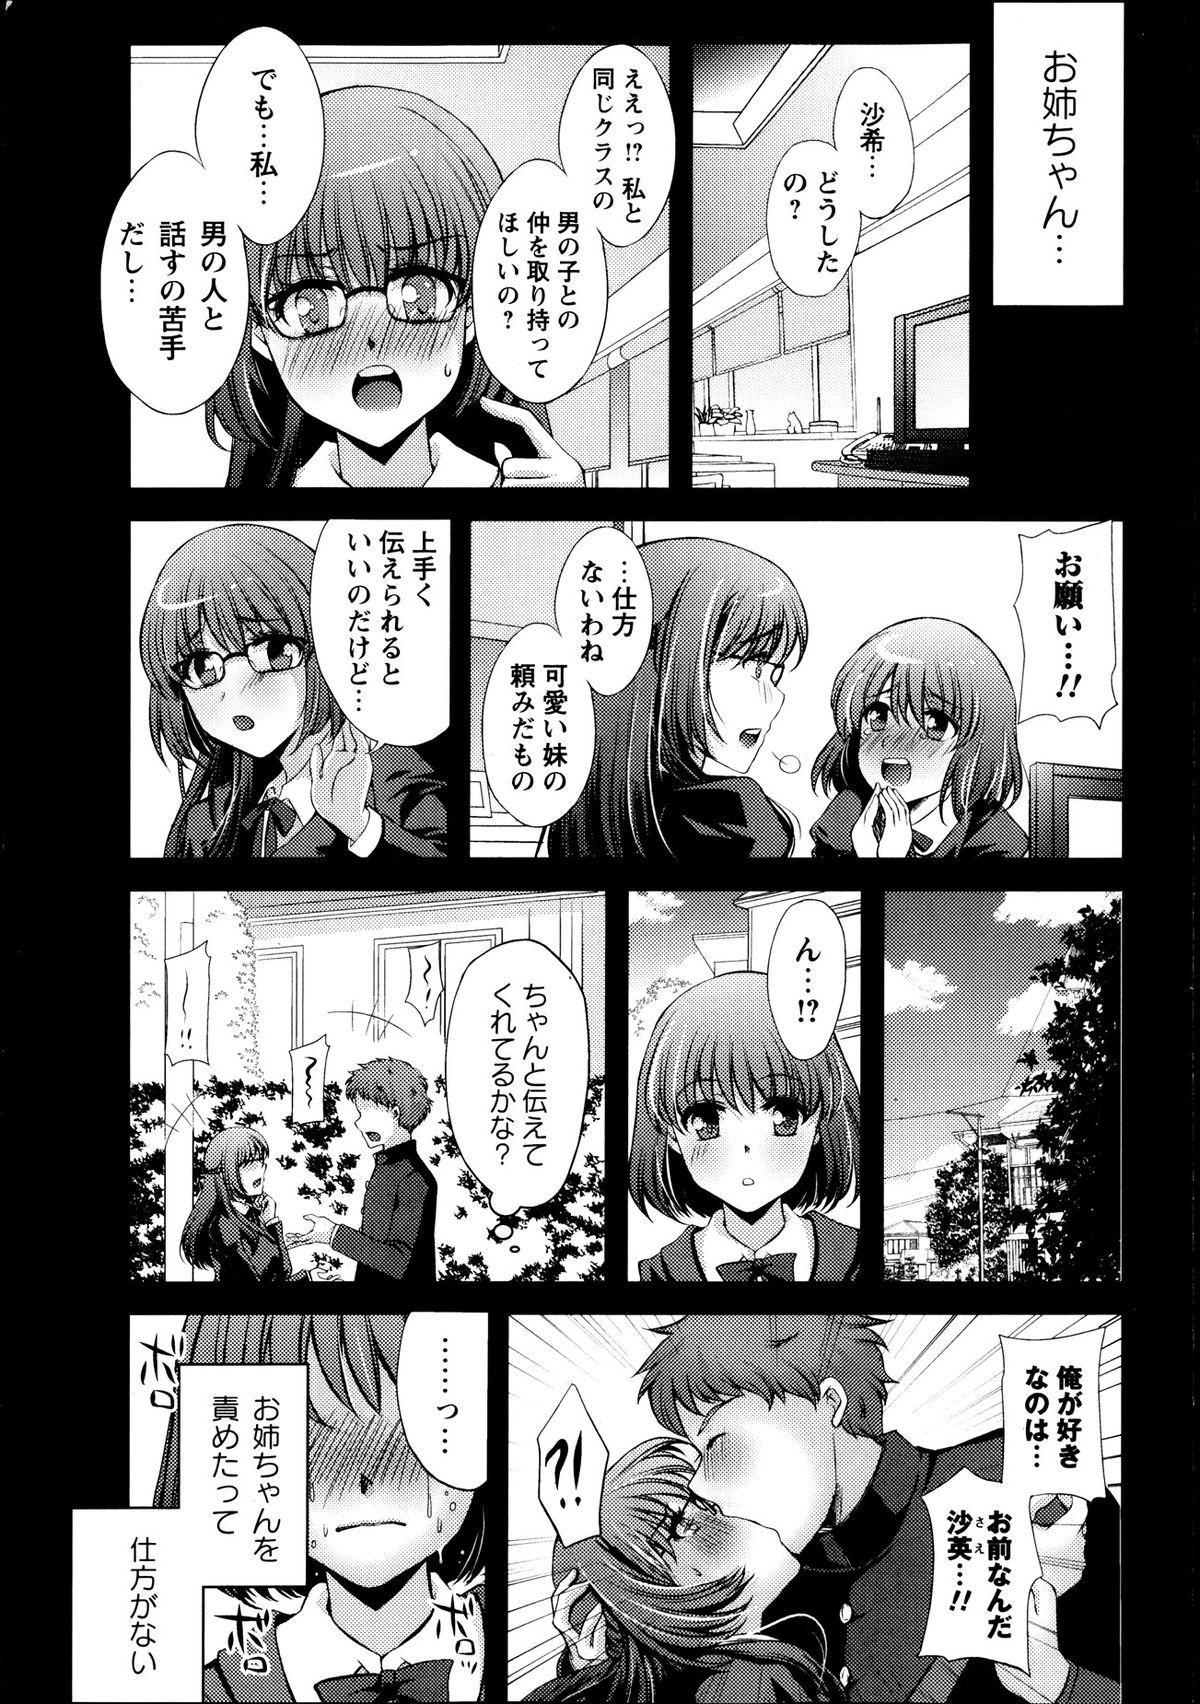 [Aoi Yumi] Kamen no Daishou ~Rensa Suru Ryoujoku~ Ch.1-5 46